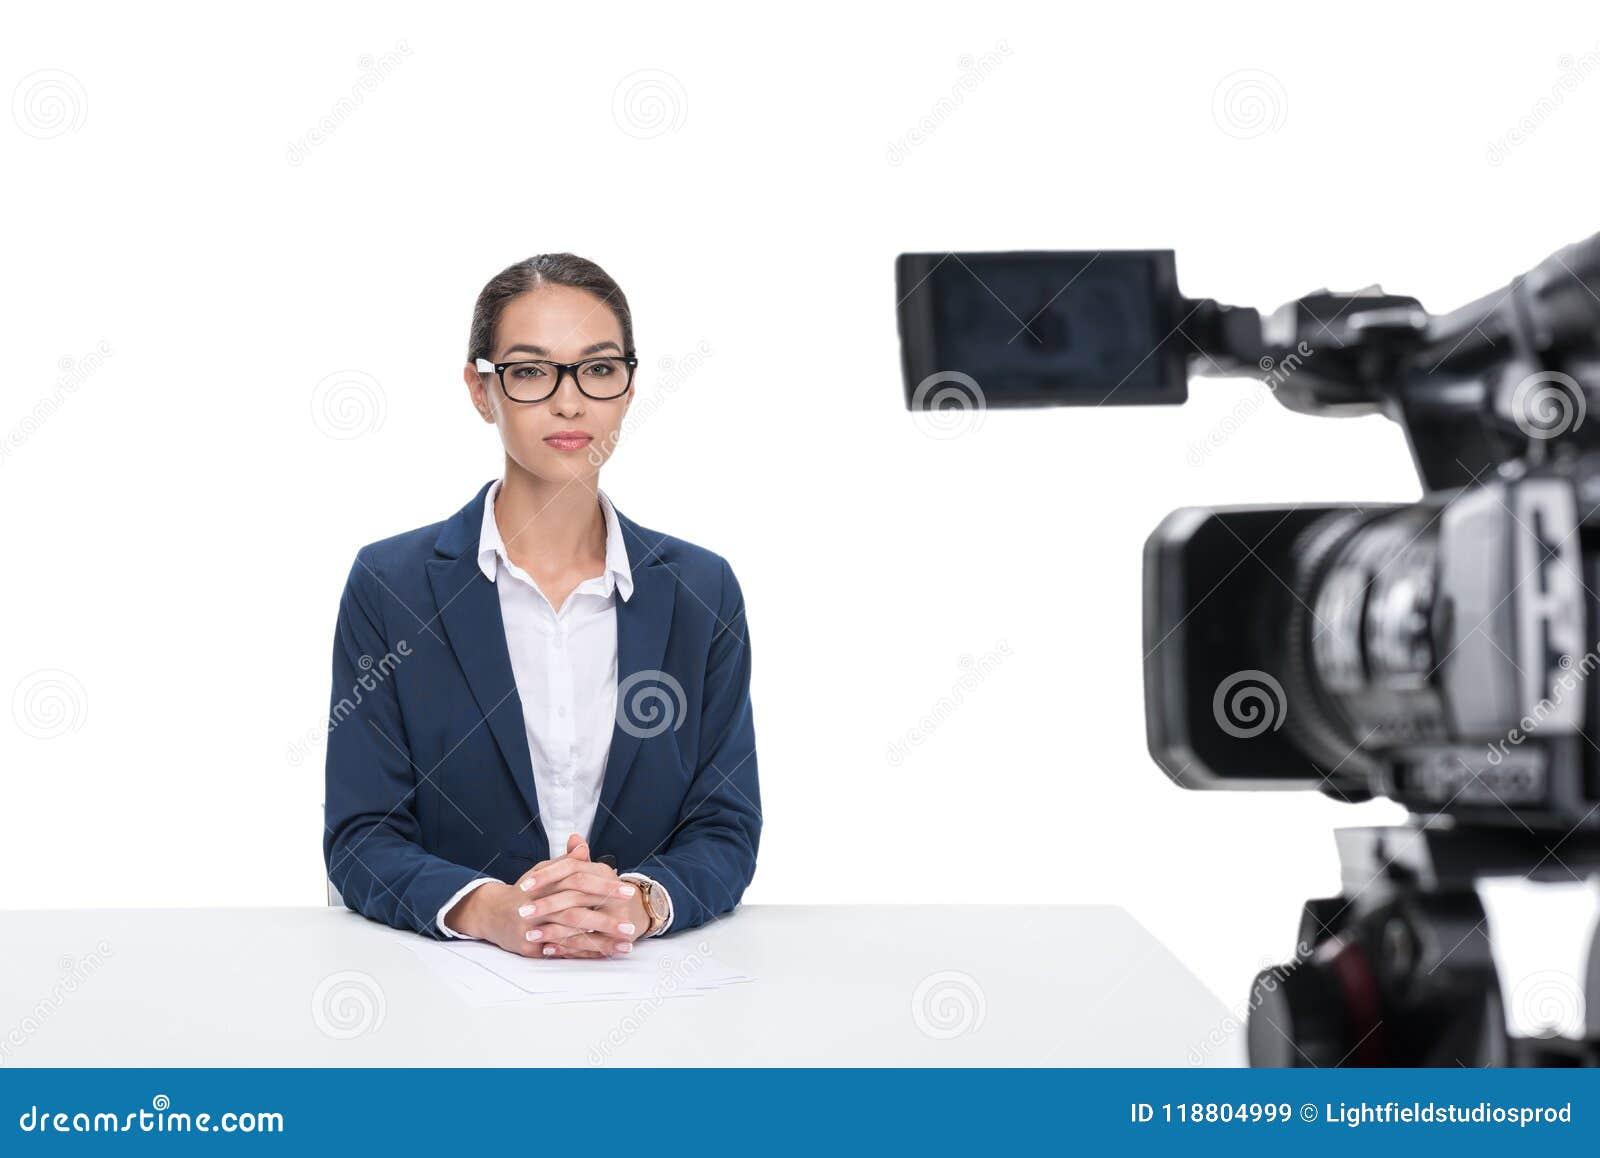 坐在照相机前面的衣服的女性新闻广播员,